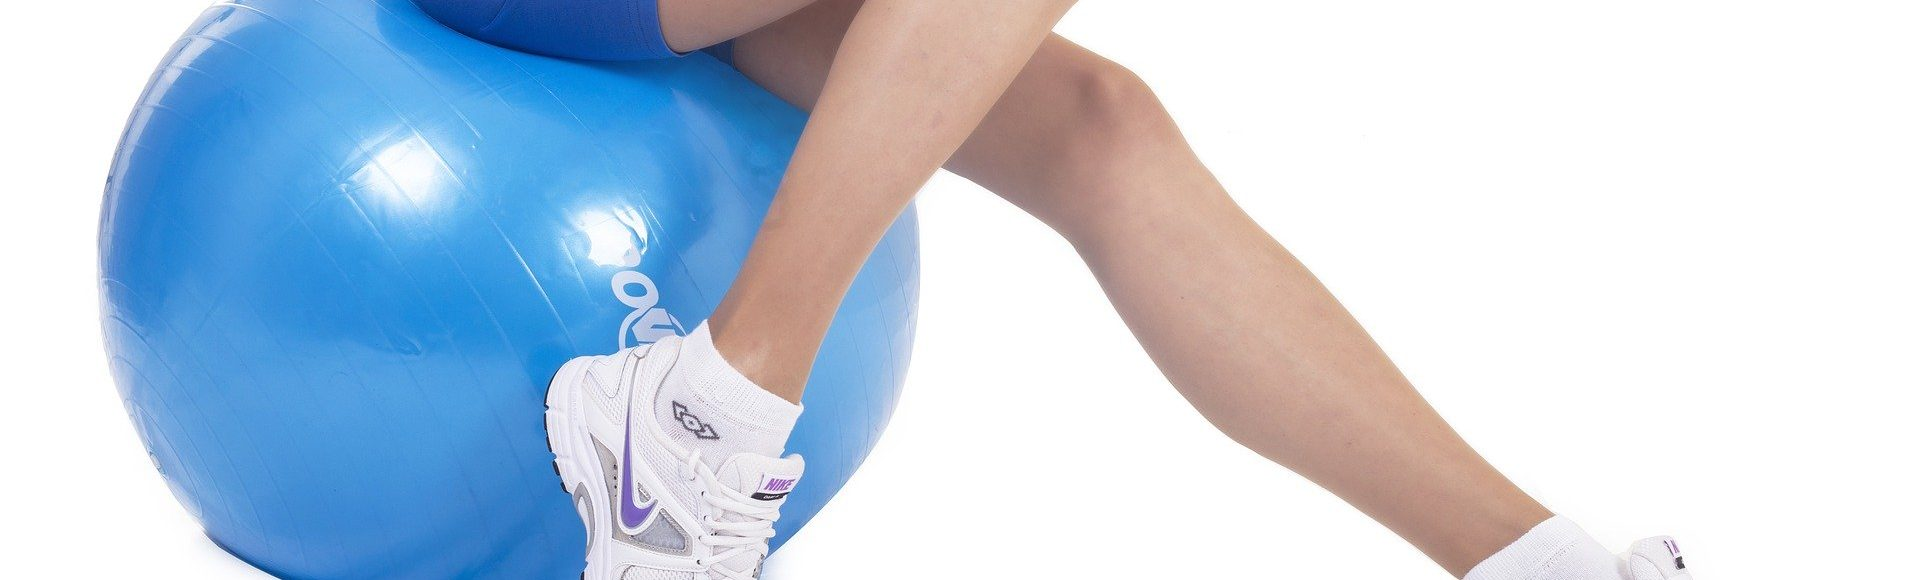 Pavimento pelvico: cos'è e come allenarlo